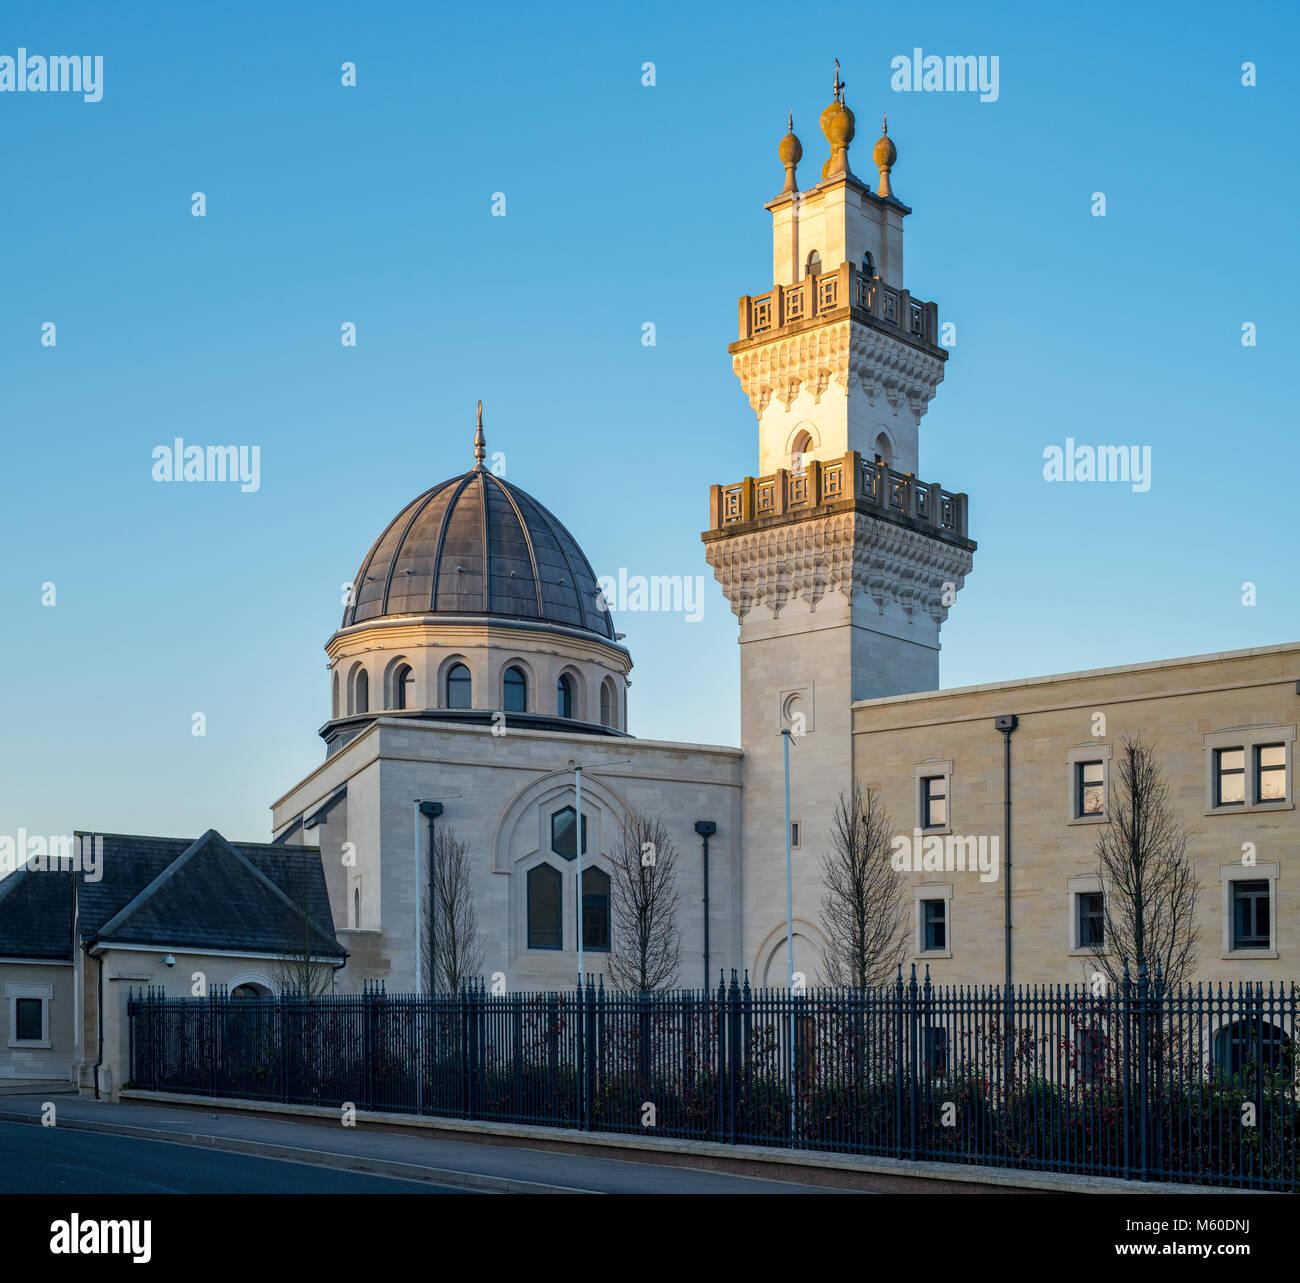 Luce del sole di mattina sull'l'Oxford Centre for Islamic Studies. Oxford, Inghilterra Foto Stock